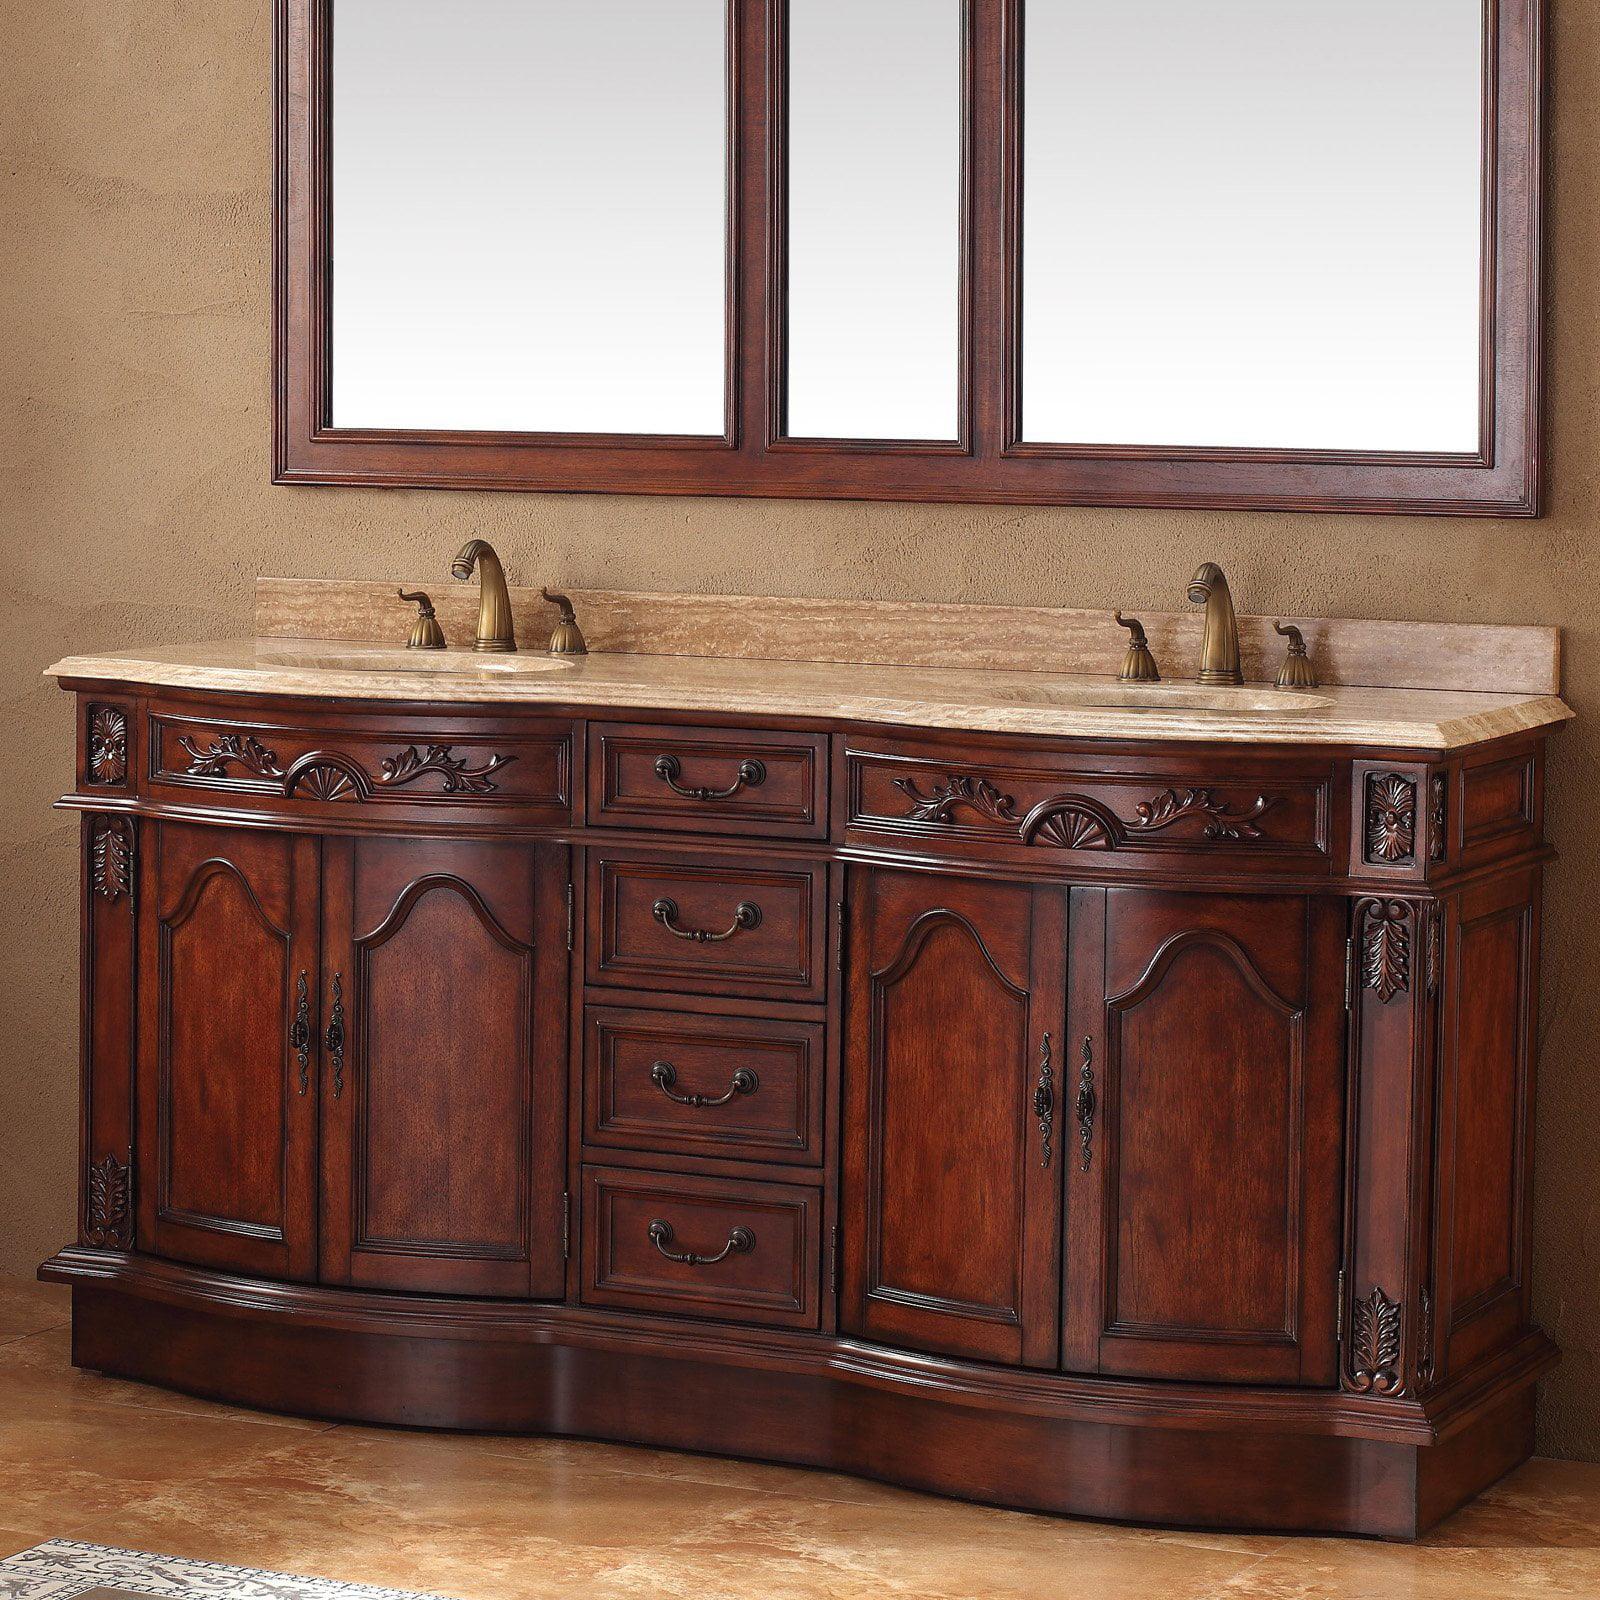 James Martin Amalfi 72 in. Double Bathroom Vanity